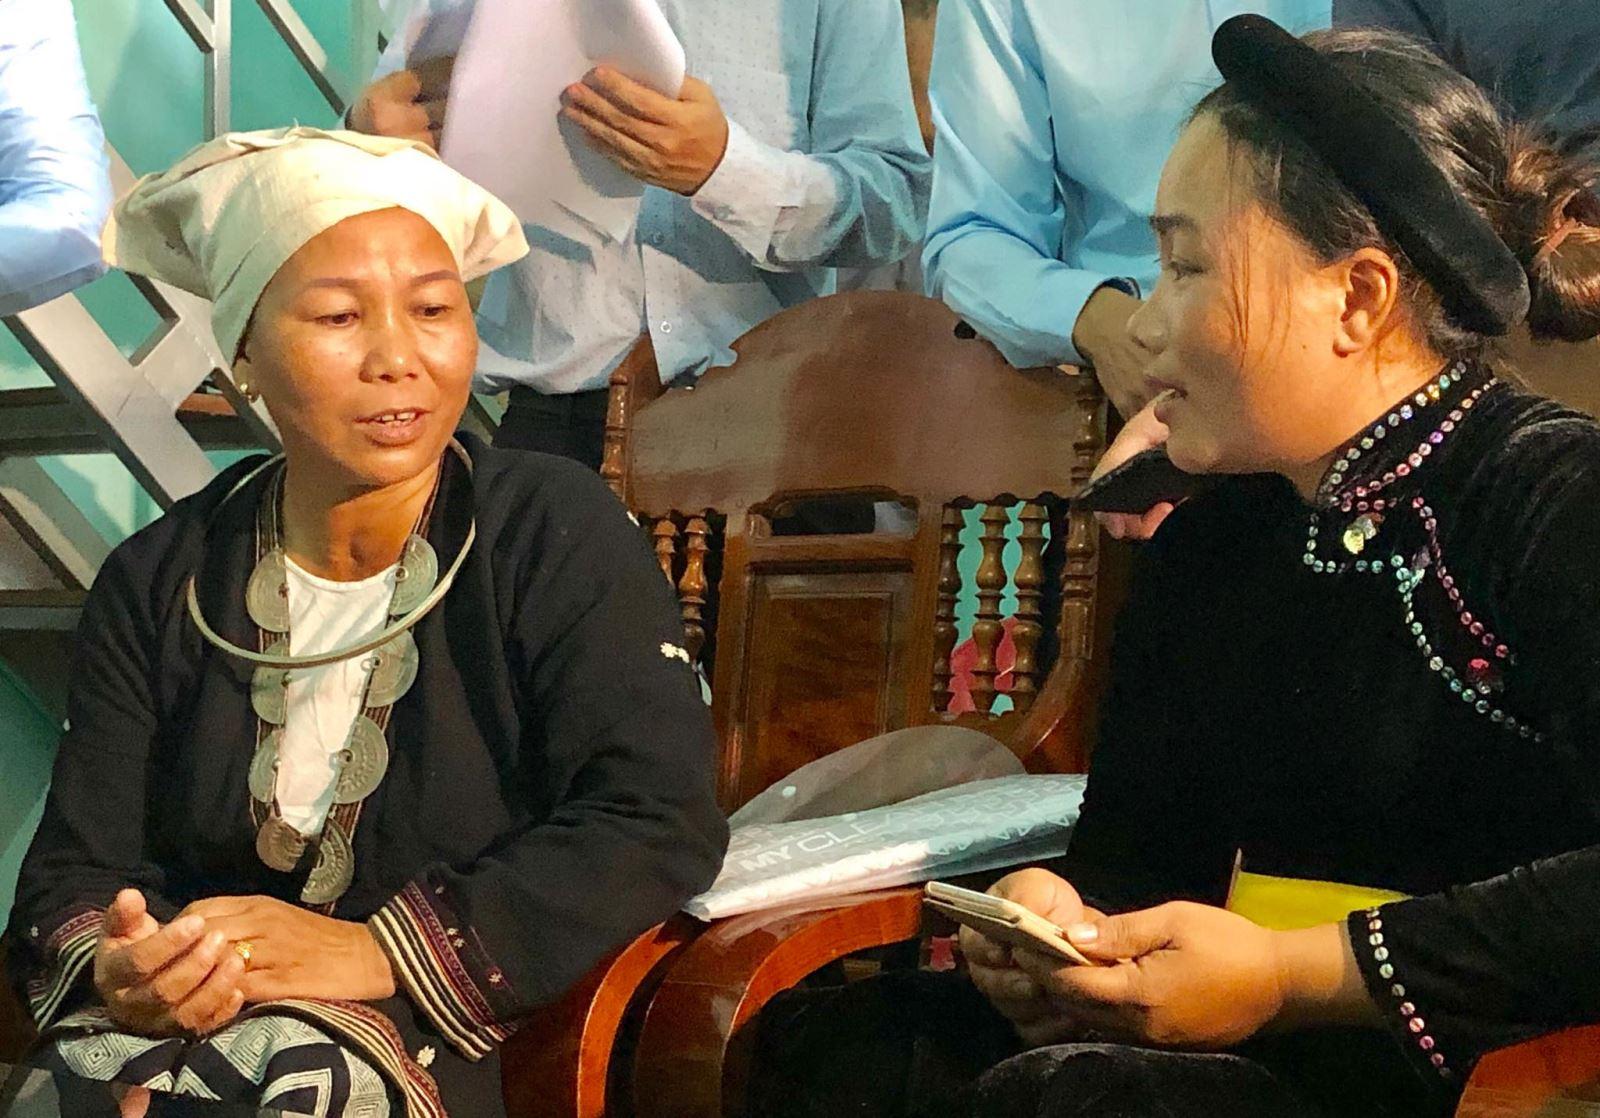 Điều tra viên tiến hành điều tra, thu thập thông tin tại hộ gia đình bà Triệu Thị Nguyệt (bên trái ảnh) tại thôn Làng Lạc, xã Xuân Quang, huyện Chiêm Hóa